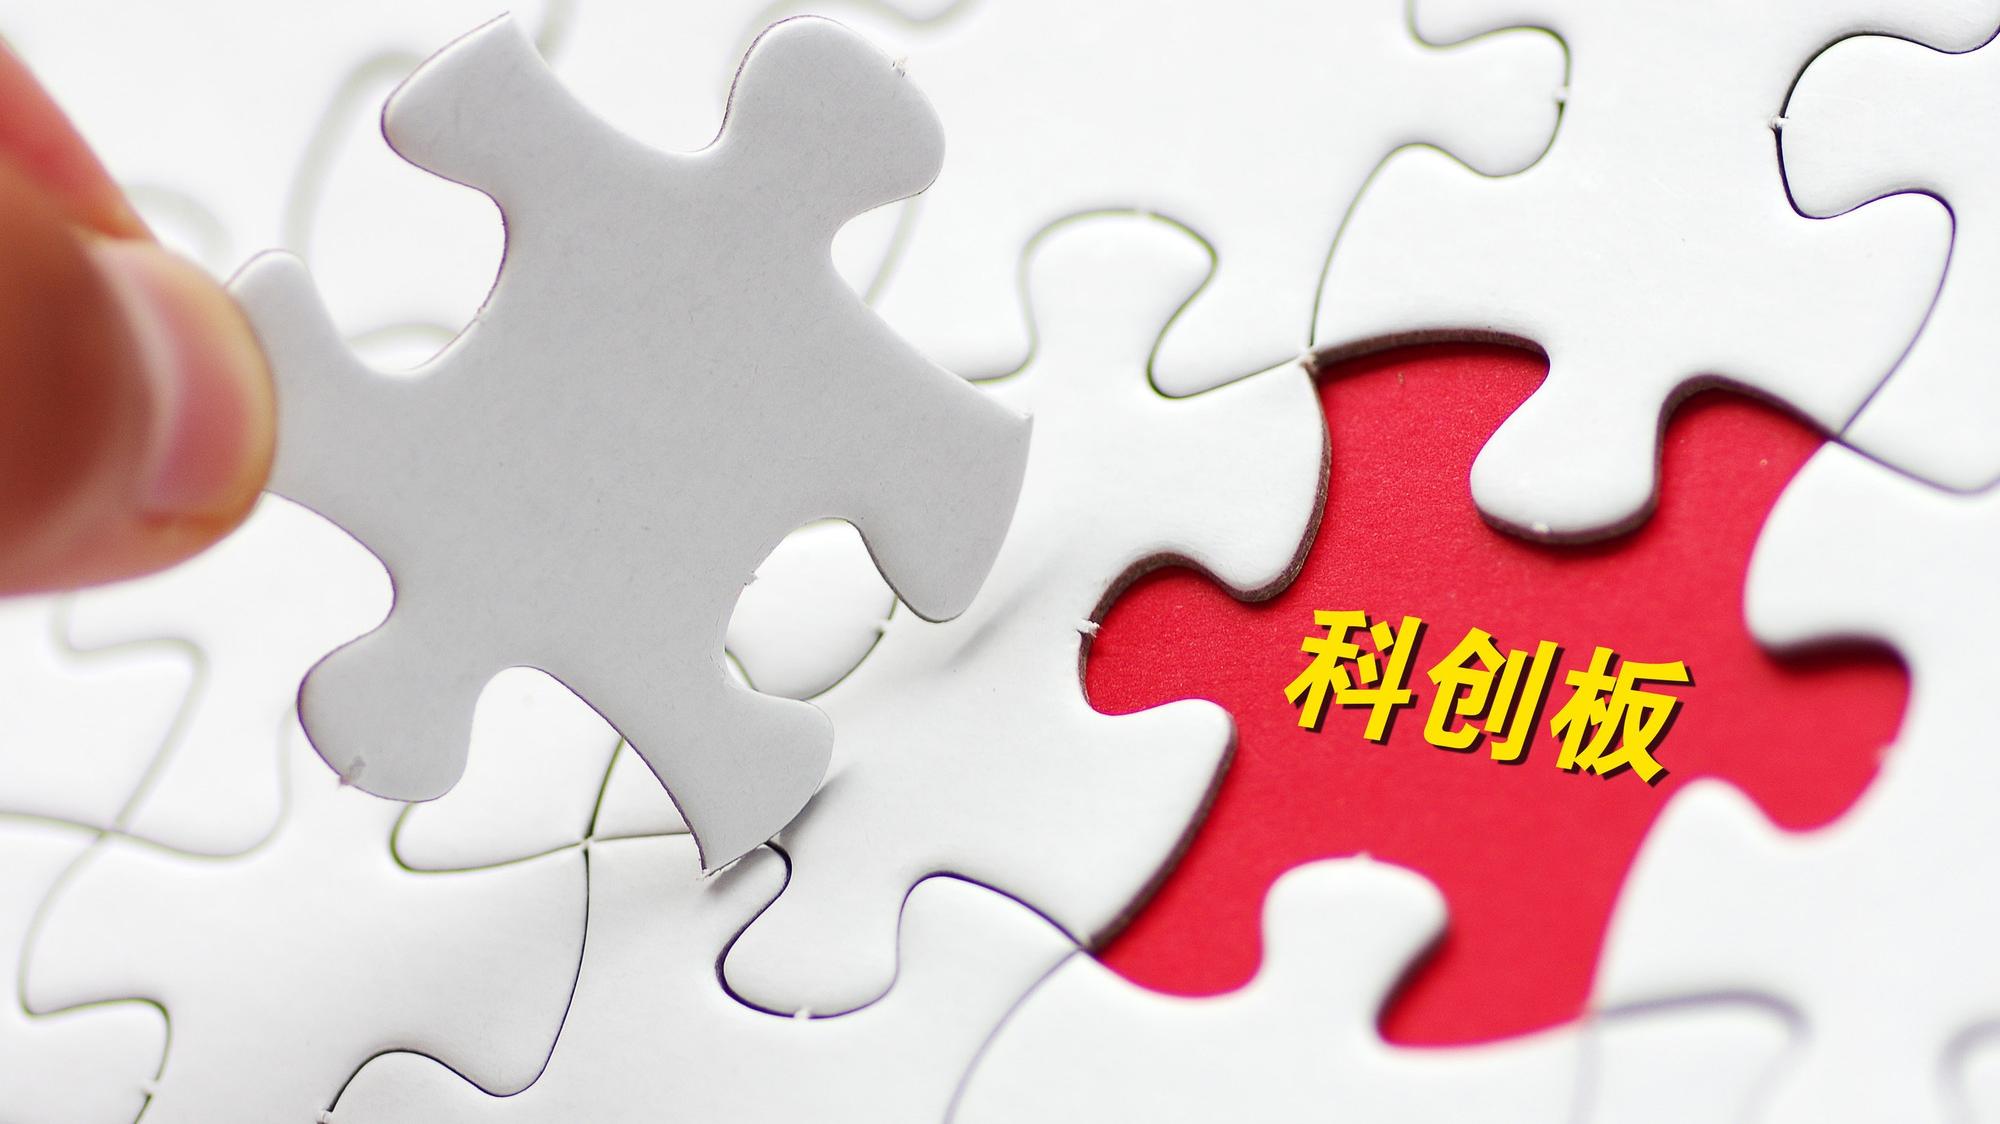 天风证券徐彪:经济体发展源于三大动力,科创板许胜不许败